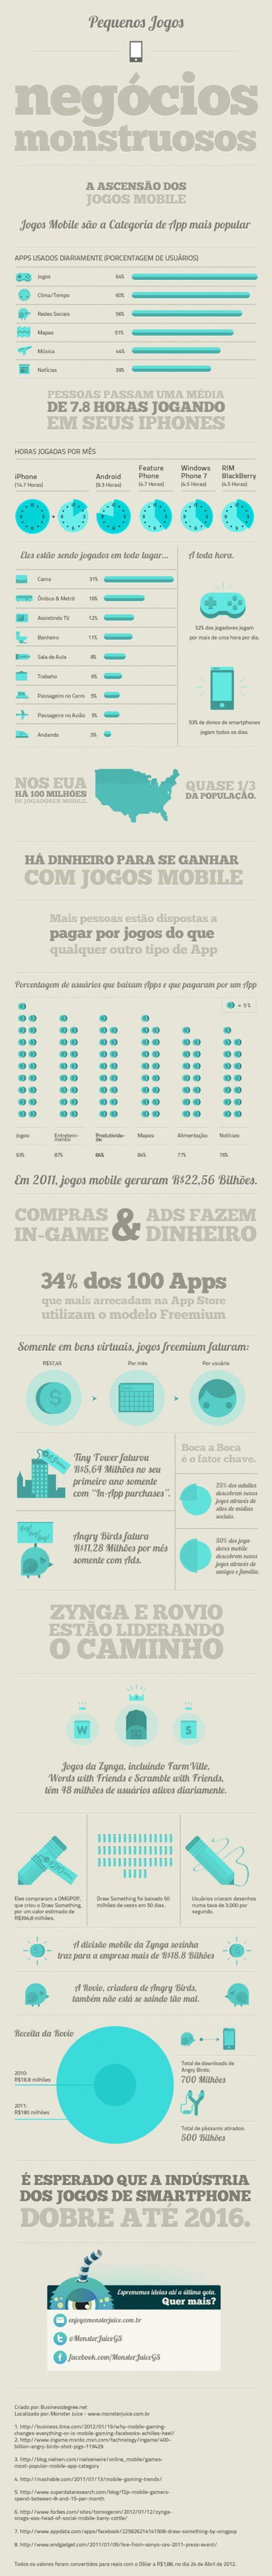 Pequenos jogos, mas negócios monstruosos – infográfico